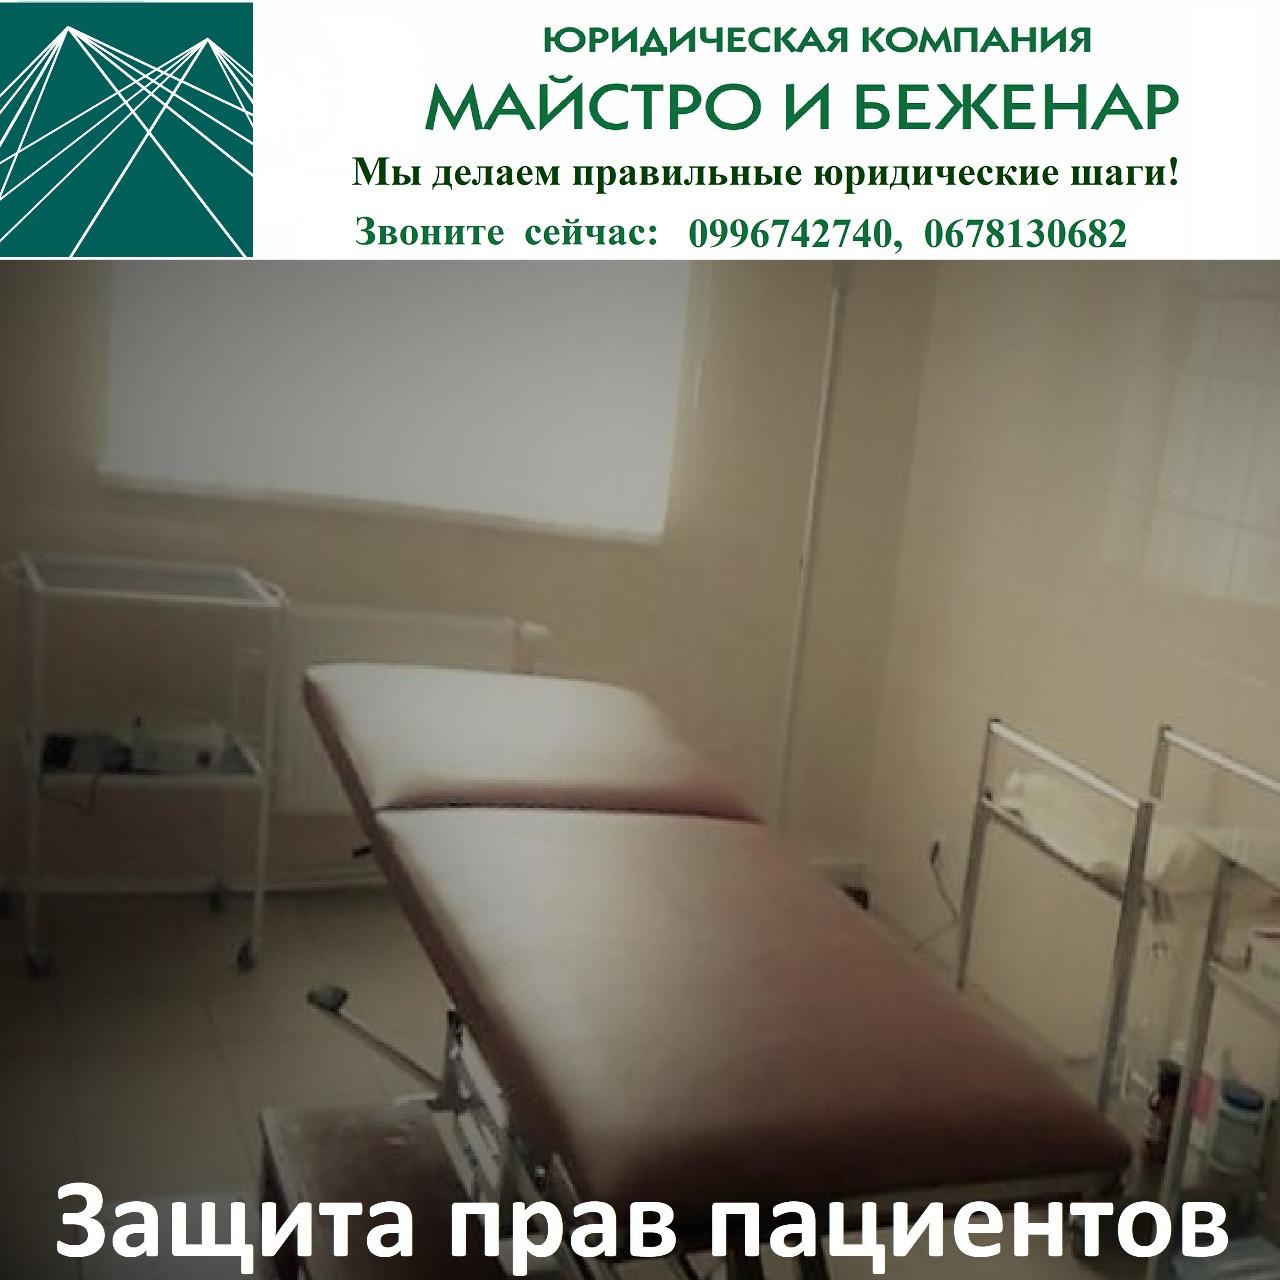 Медицинский юрист. Защита прав пациентов.